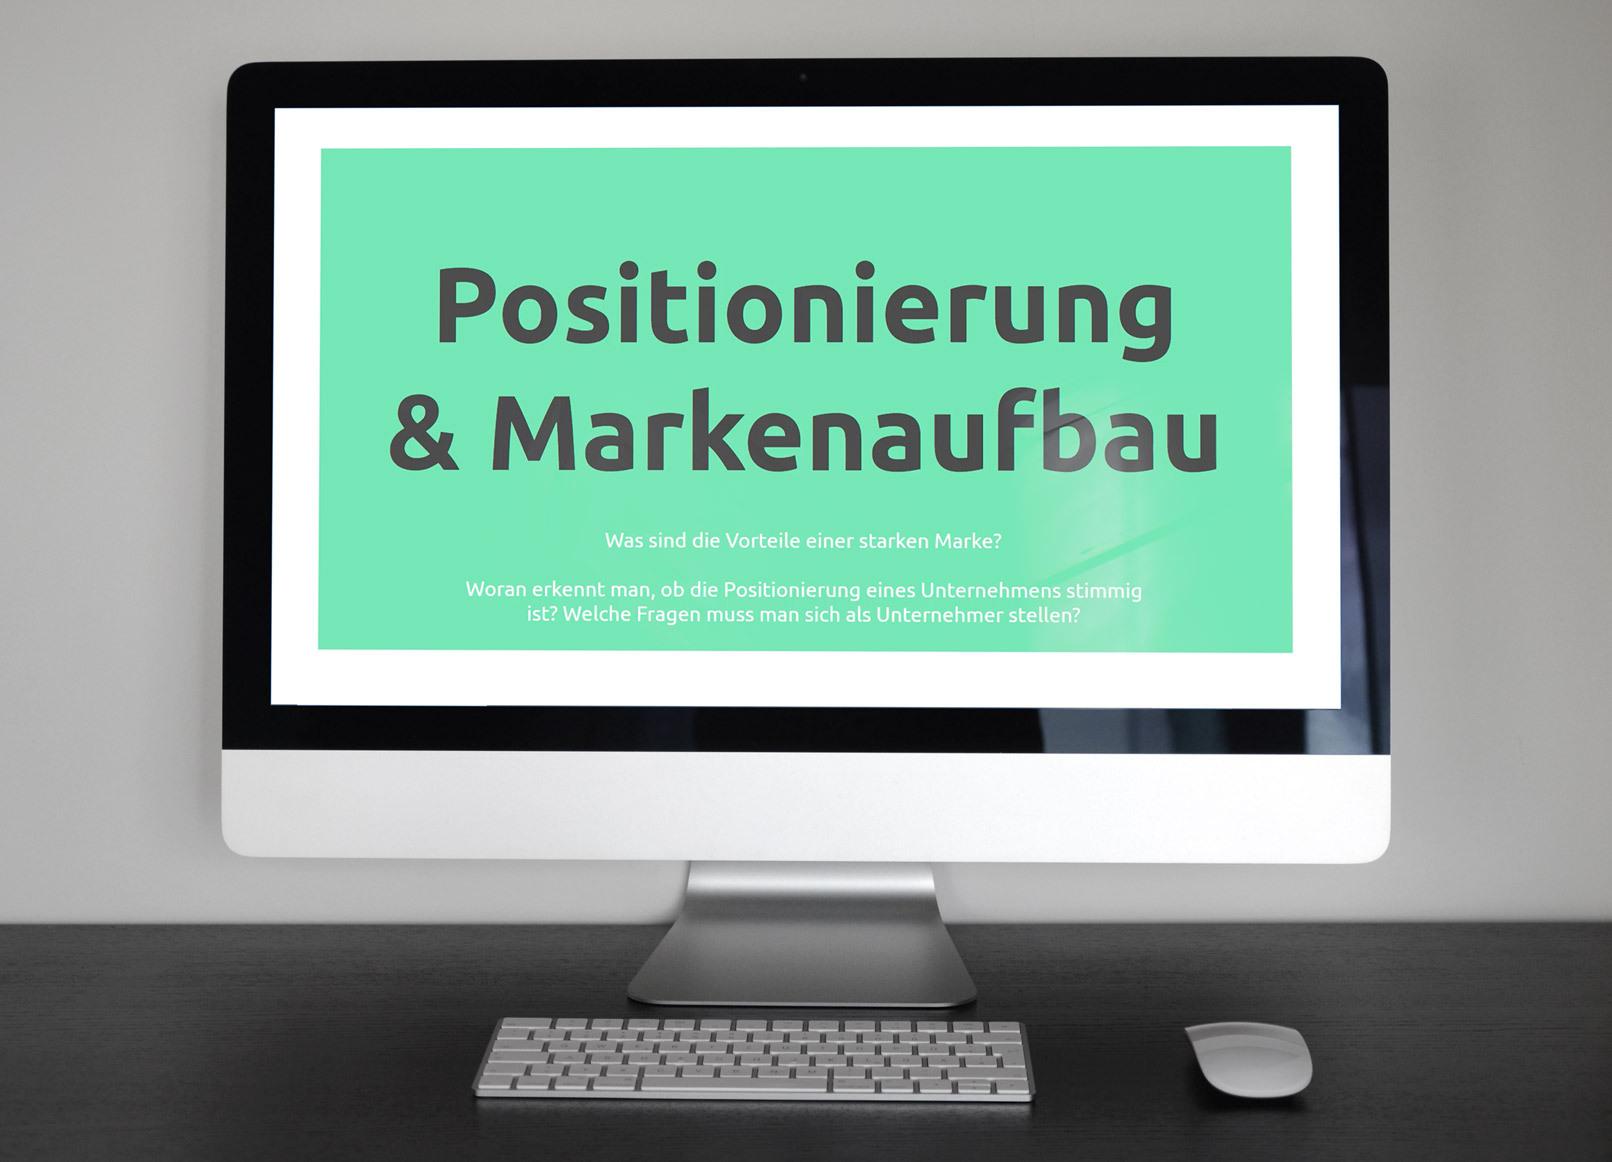 Screenshot aus dem Training Positionierung von Unternehmen und Markenaufbau auf einem Bildschirm